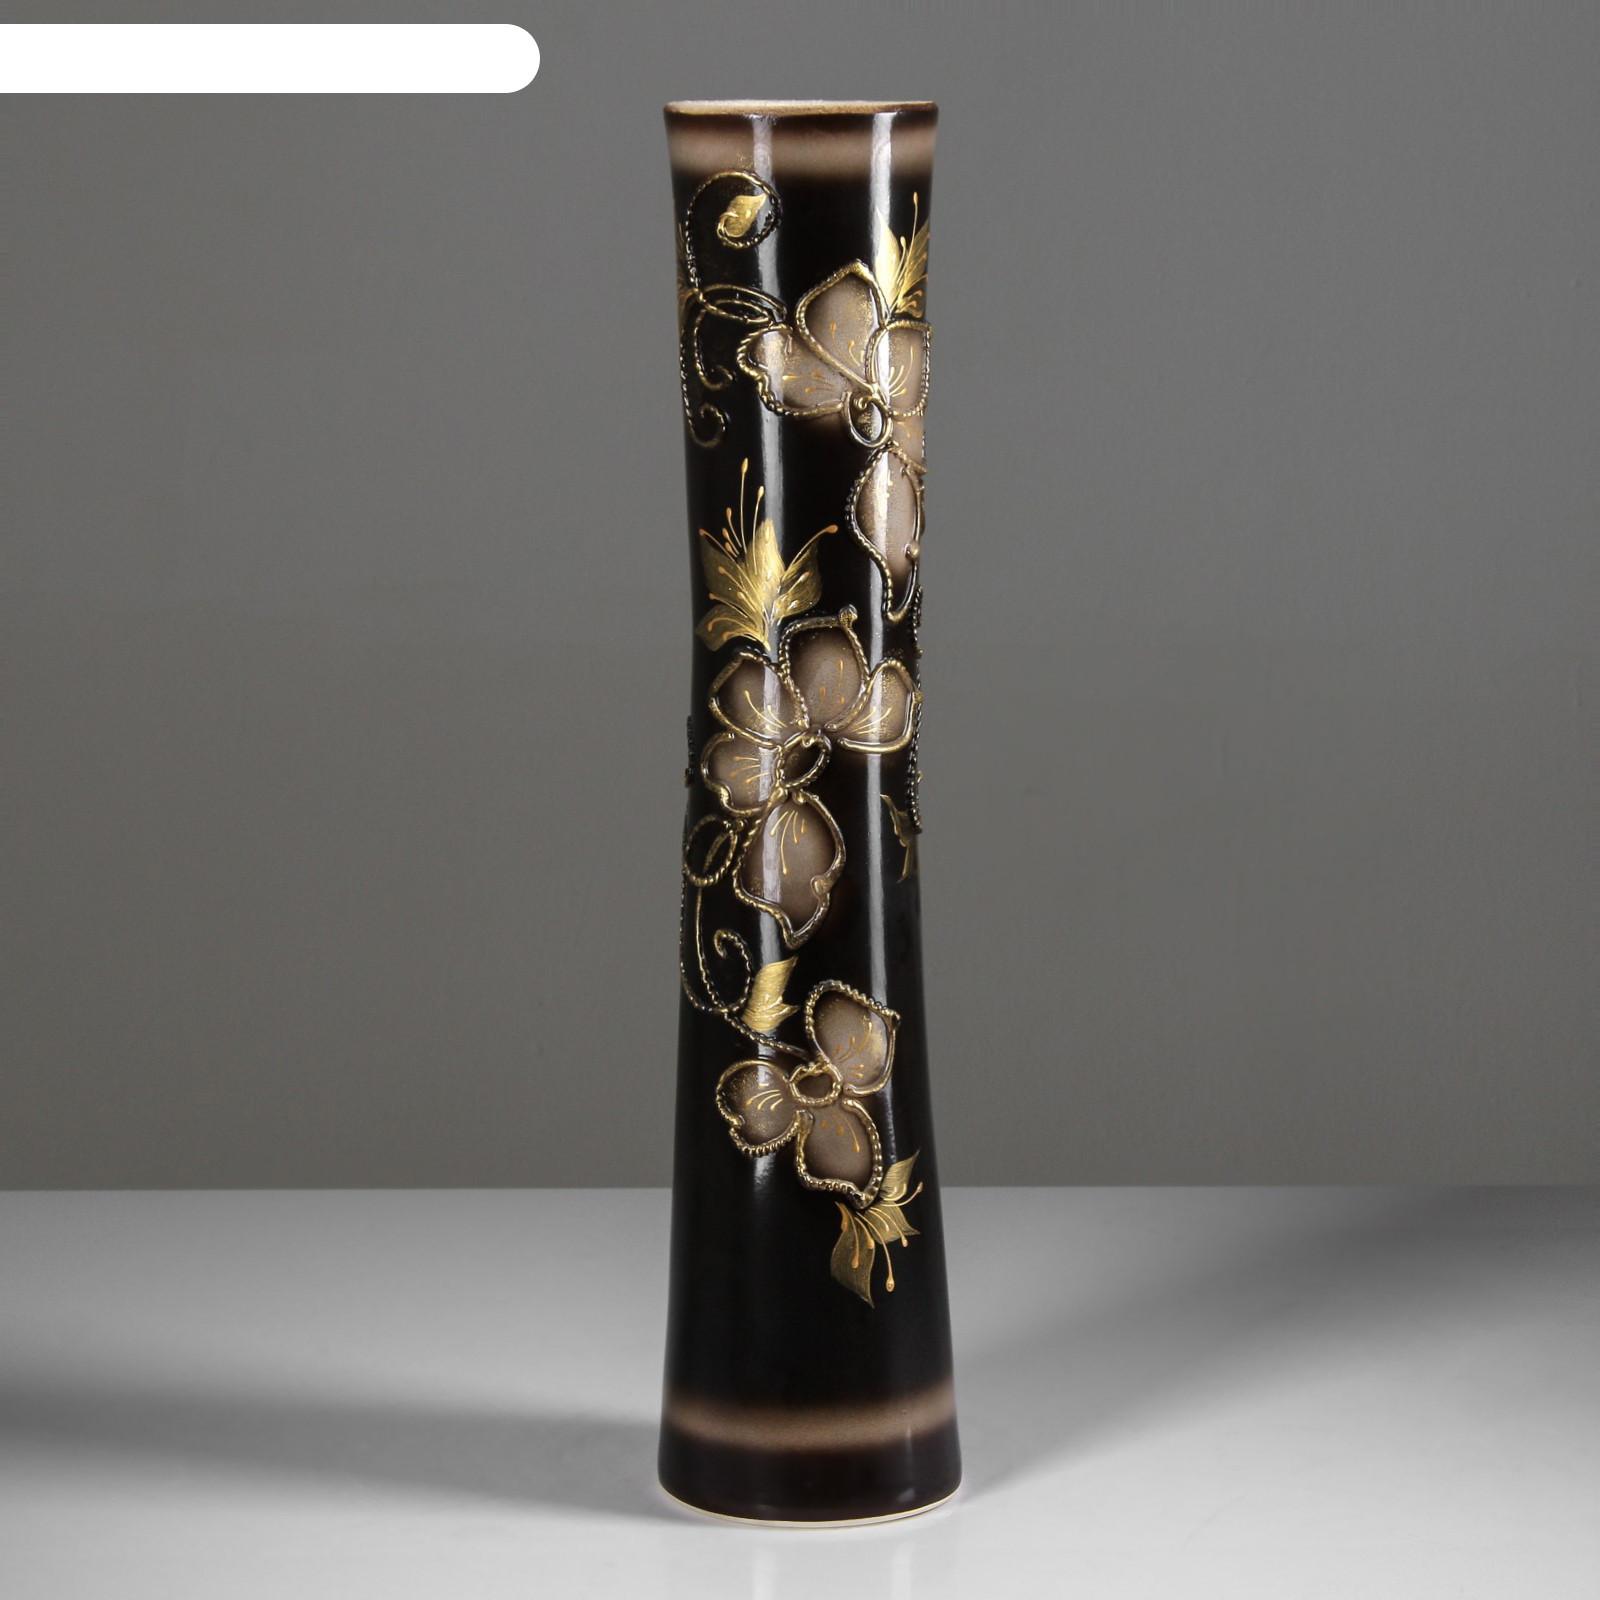 Ваза напольная форма виола цветы, глазурь, черная (392494) купить в интернет магазине Бельведор, Москва